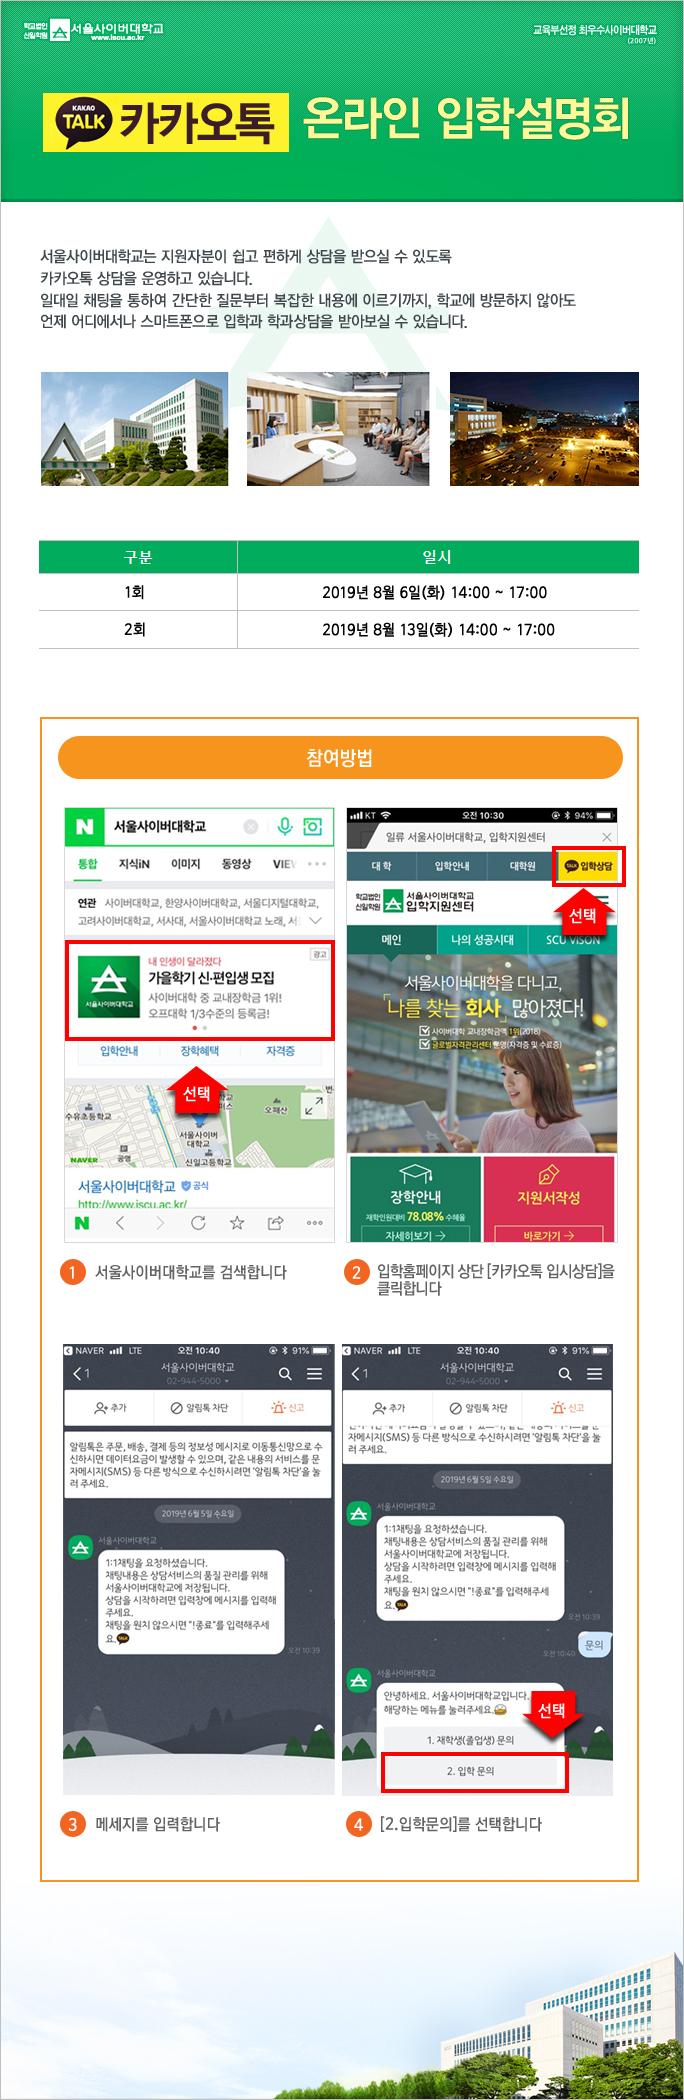 카카오톡 온라인 입학설명회 개최